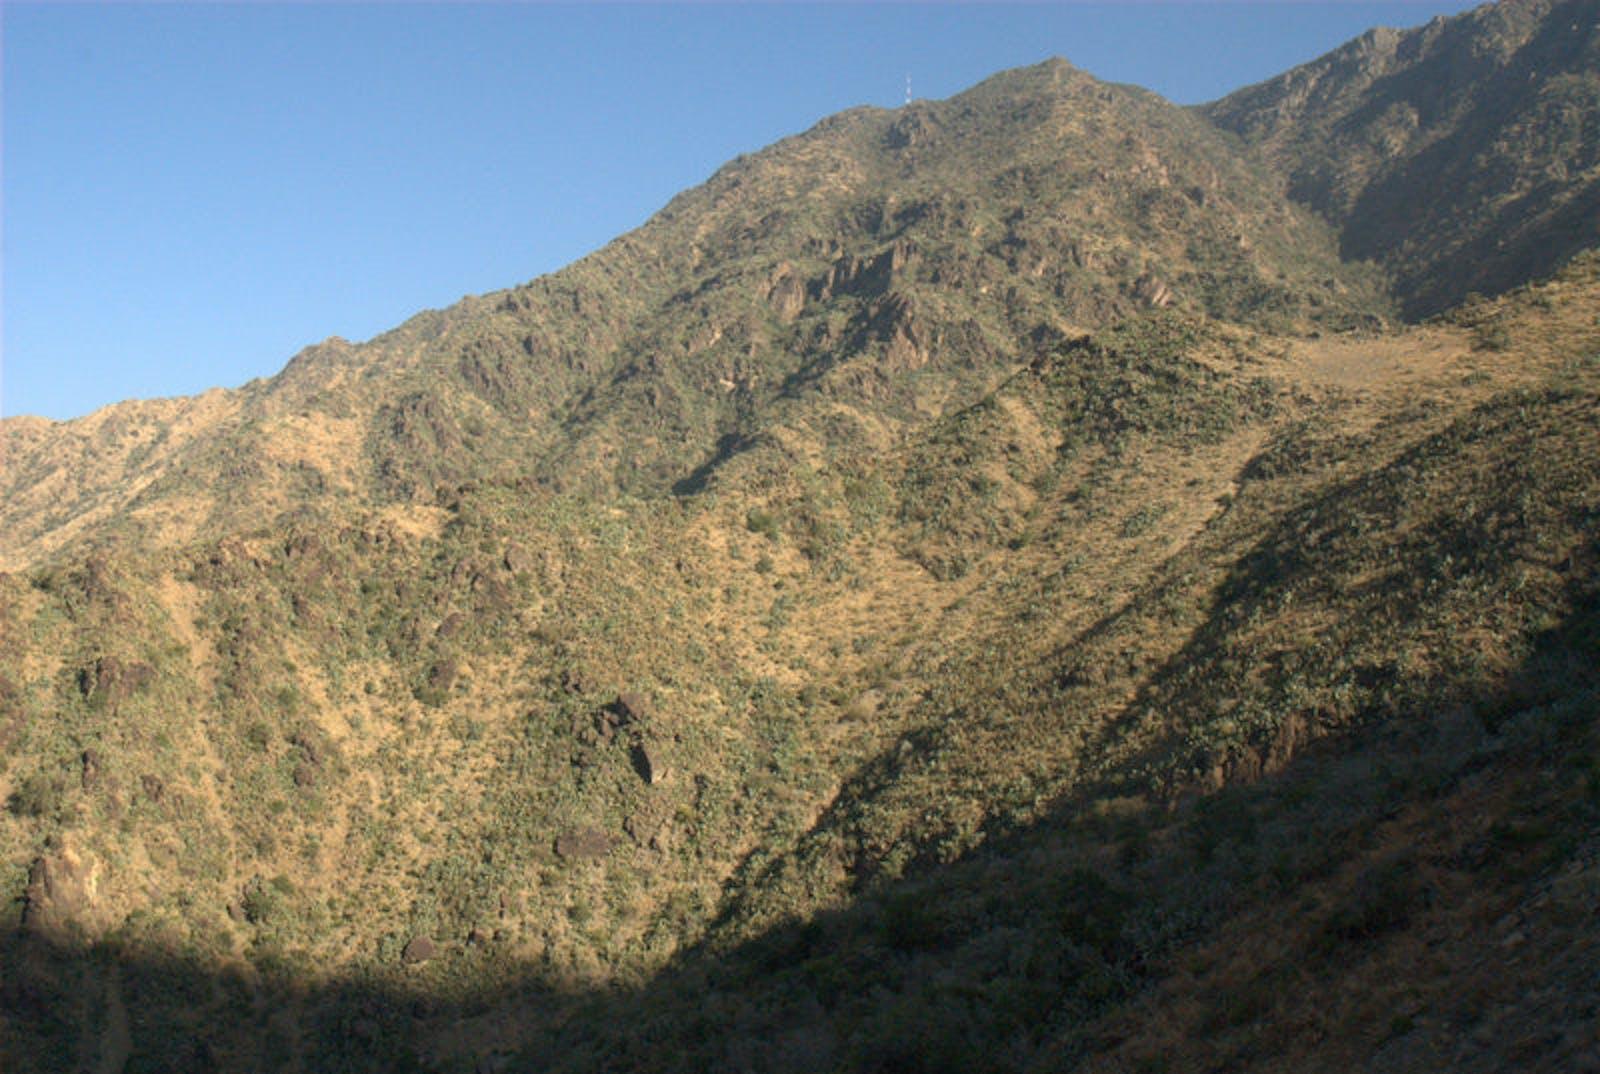 Southwest Arabian Escarpment Shrublands and Woodlands